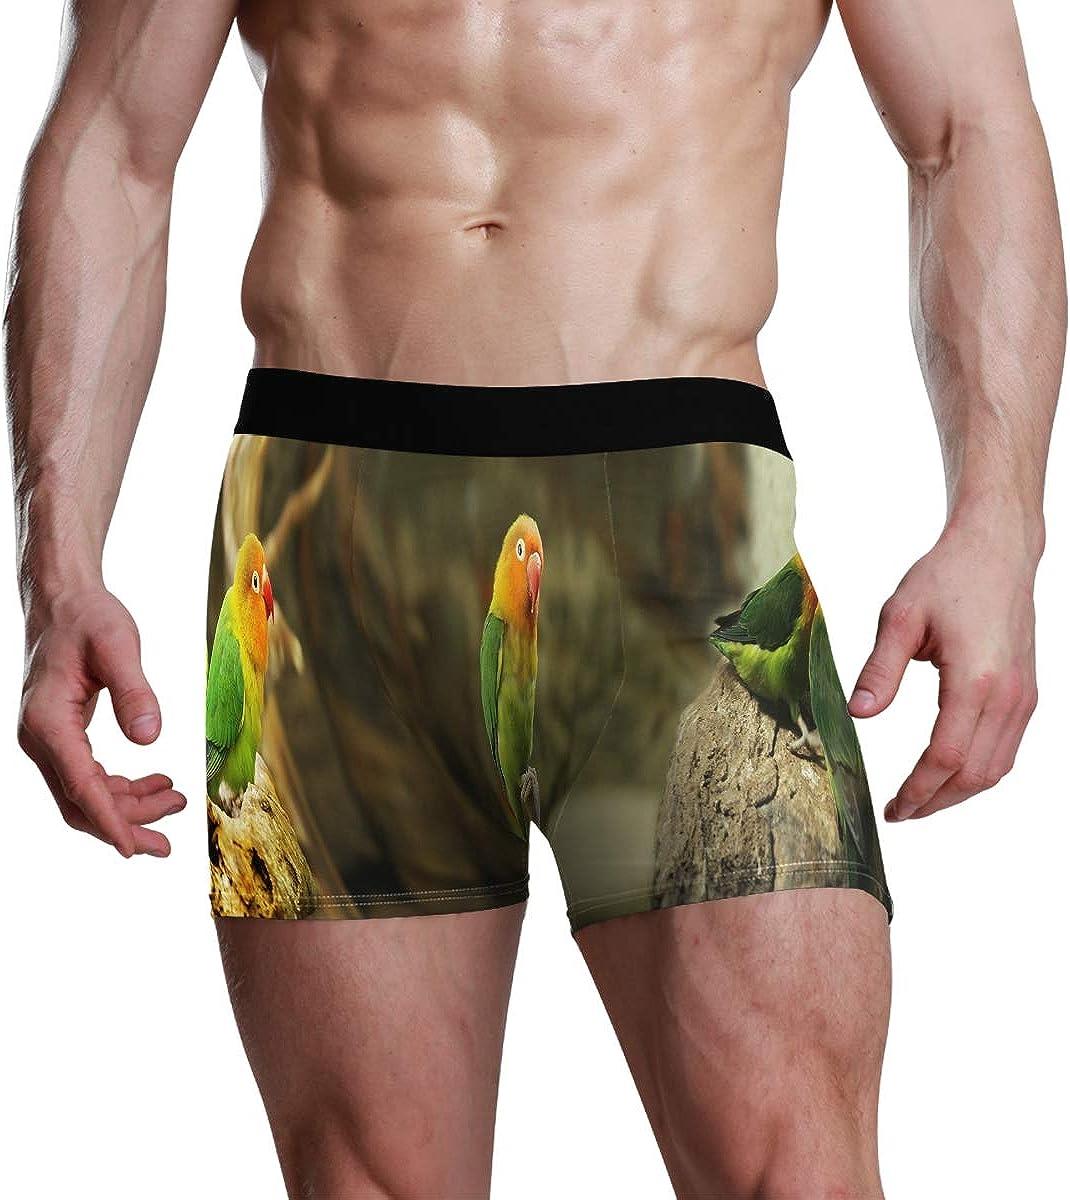 Men's Boxer Briefs Parrots Life Bikini Underwear Stretch Trunks Boys Underpants